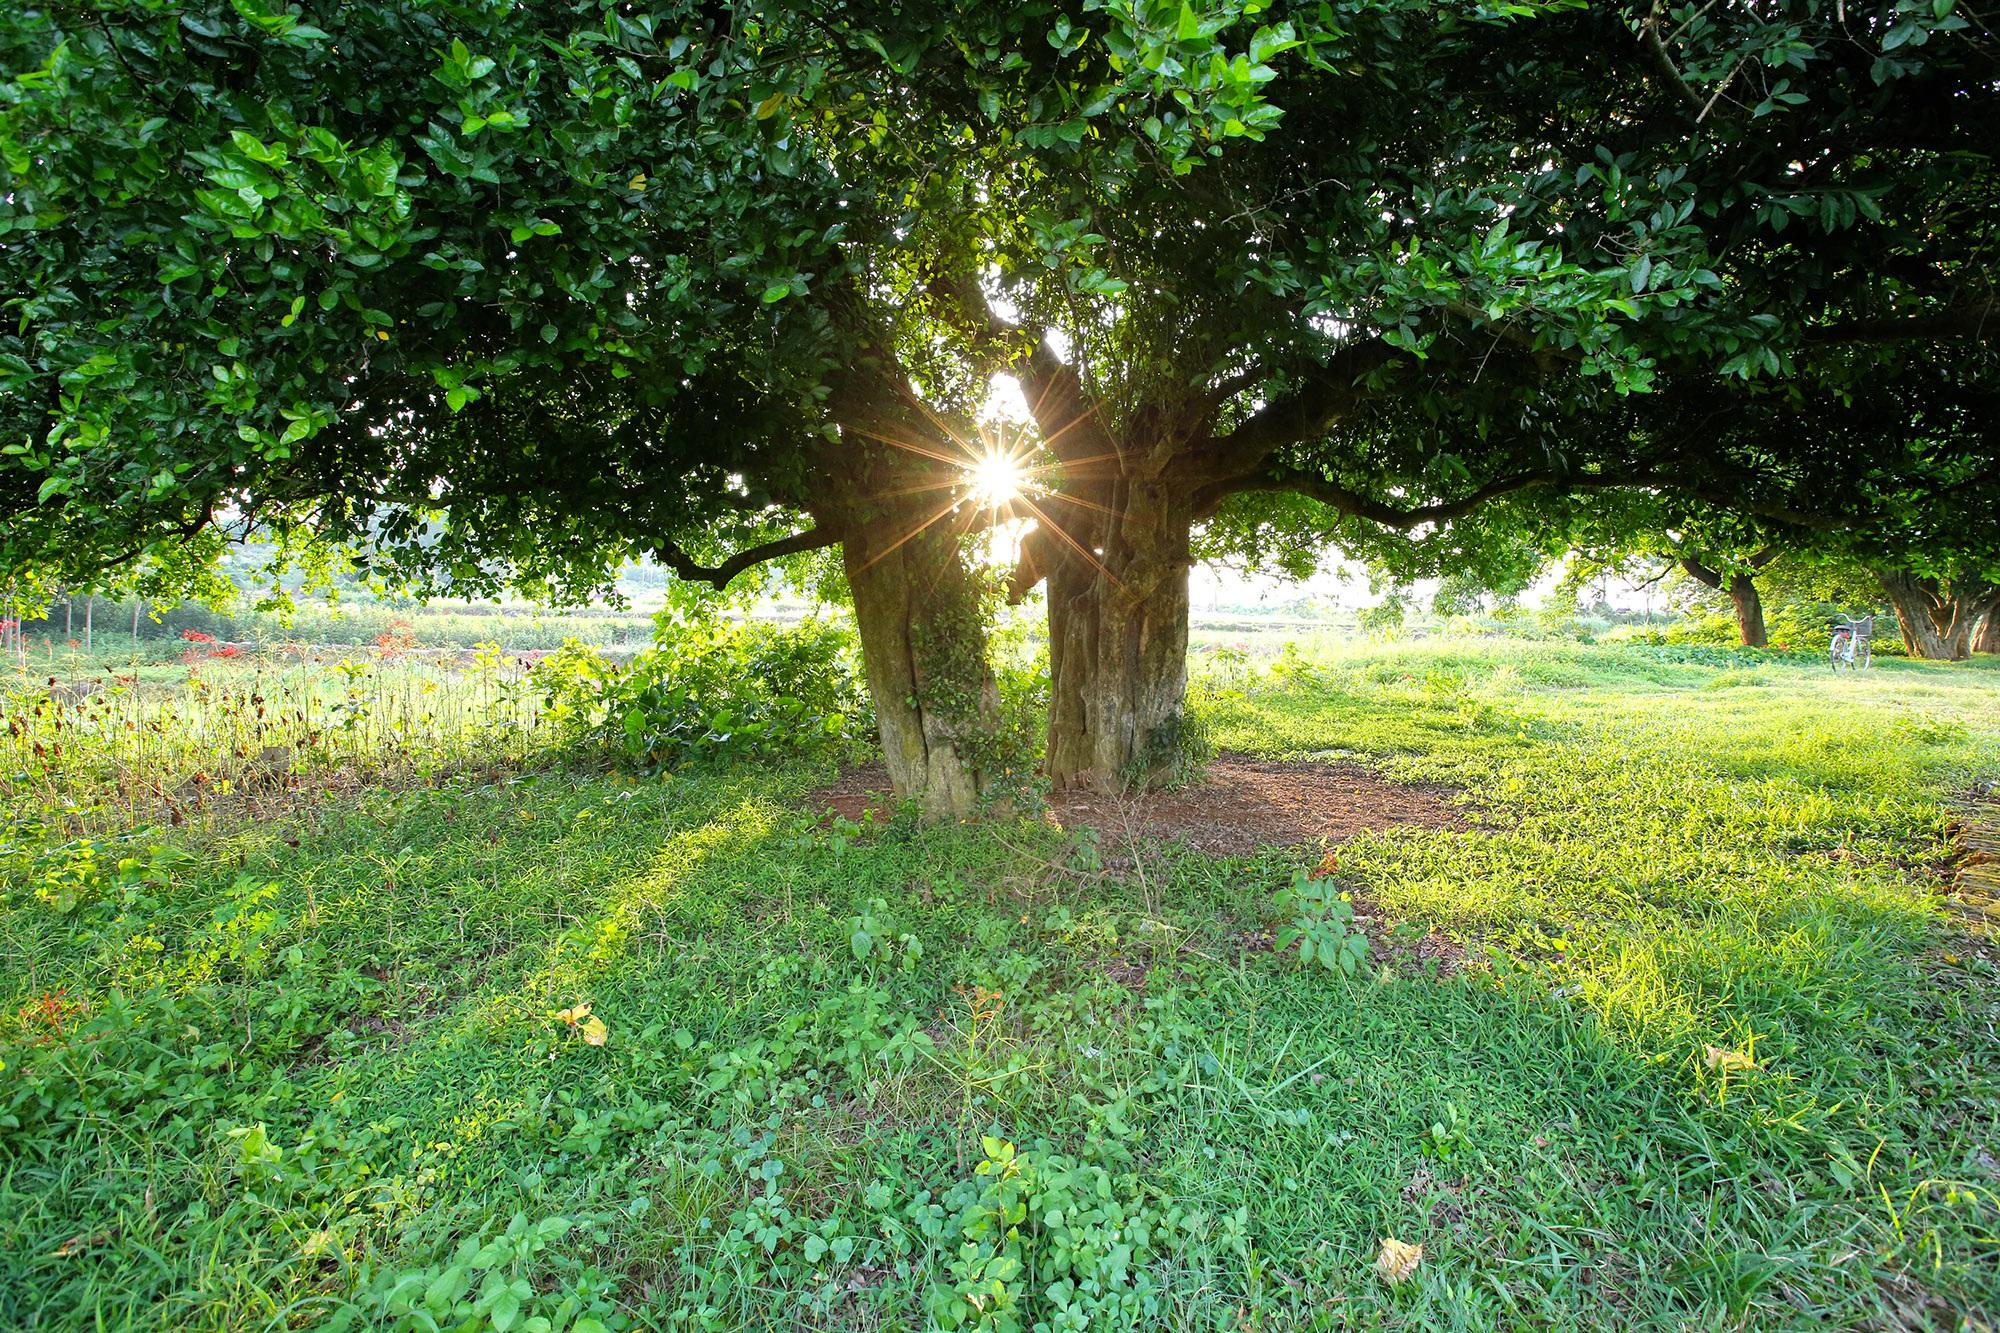 Rặng cây duối cổ hơn 1000 năm tuổi ở Hà Nội - 15